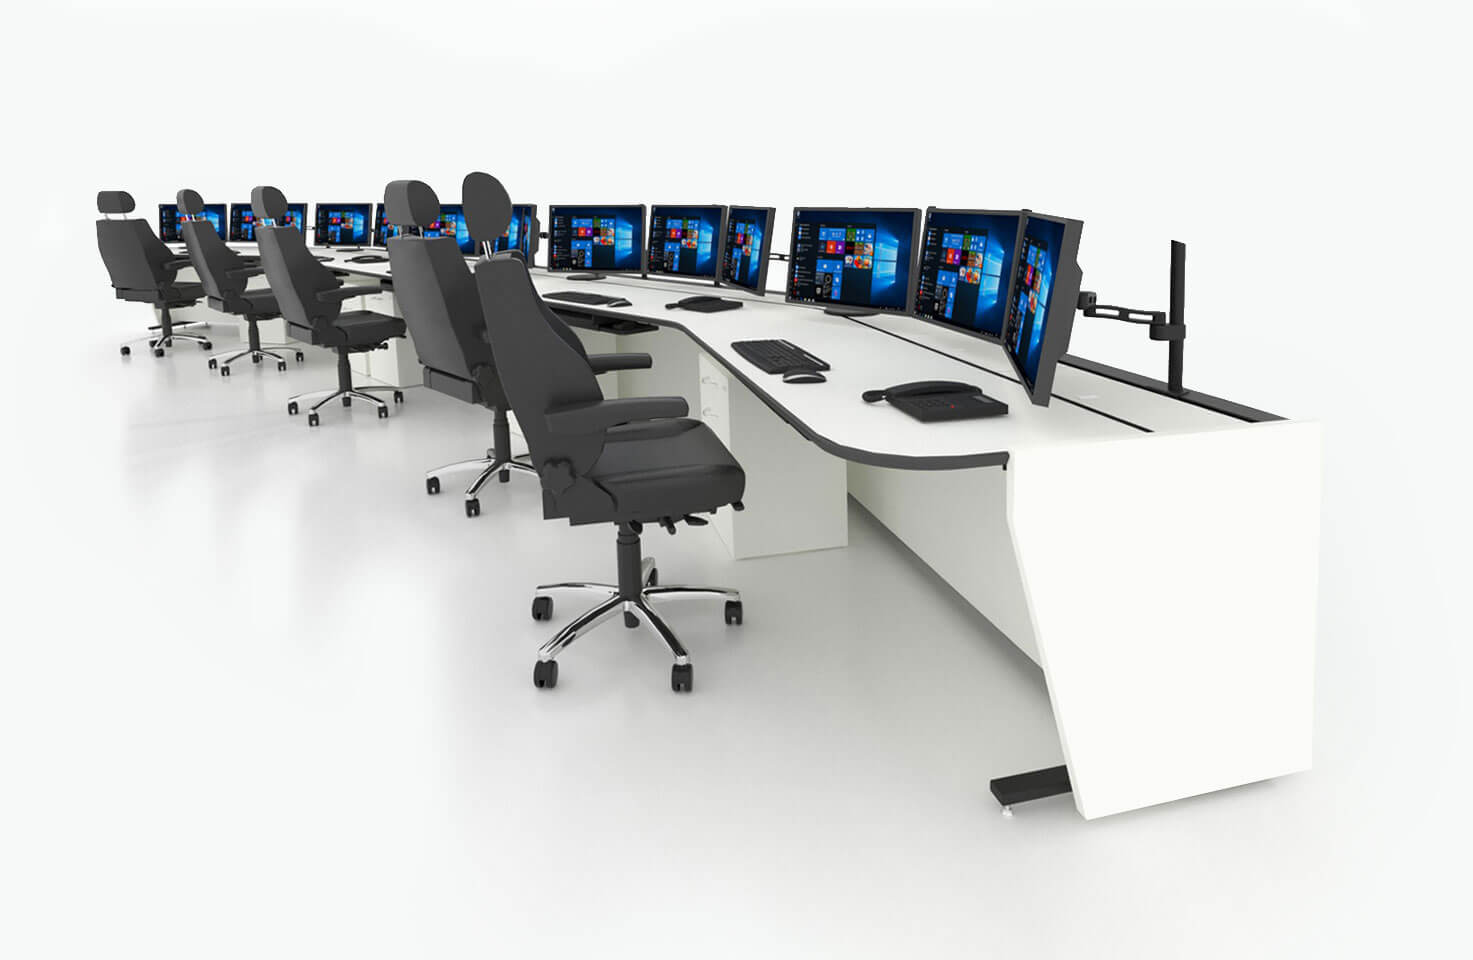 Диспетчерский стол Атлант ТЕРРА в конфигурации длинного пульта на пять рабочих мест